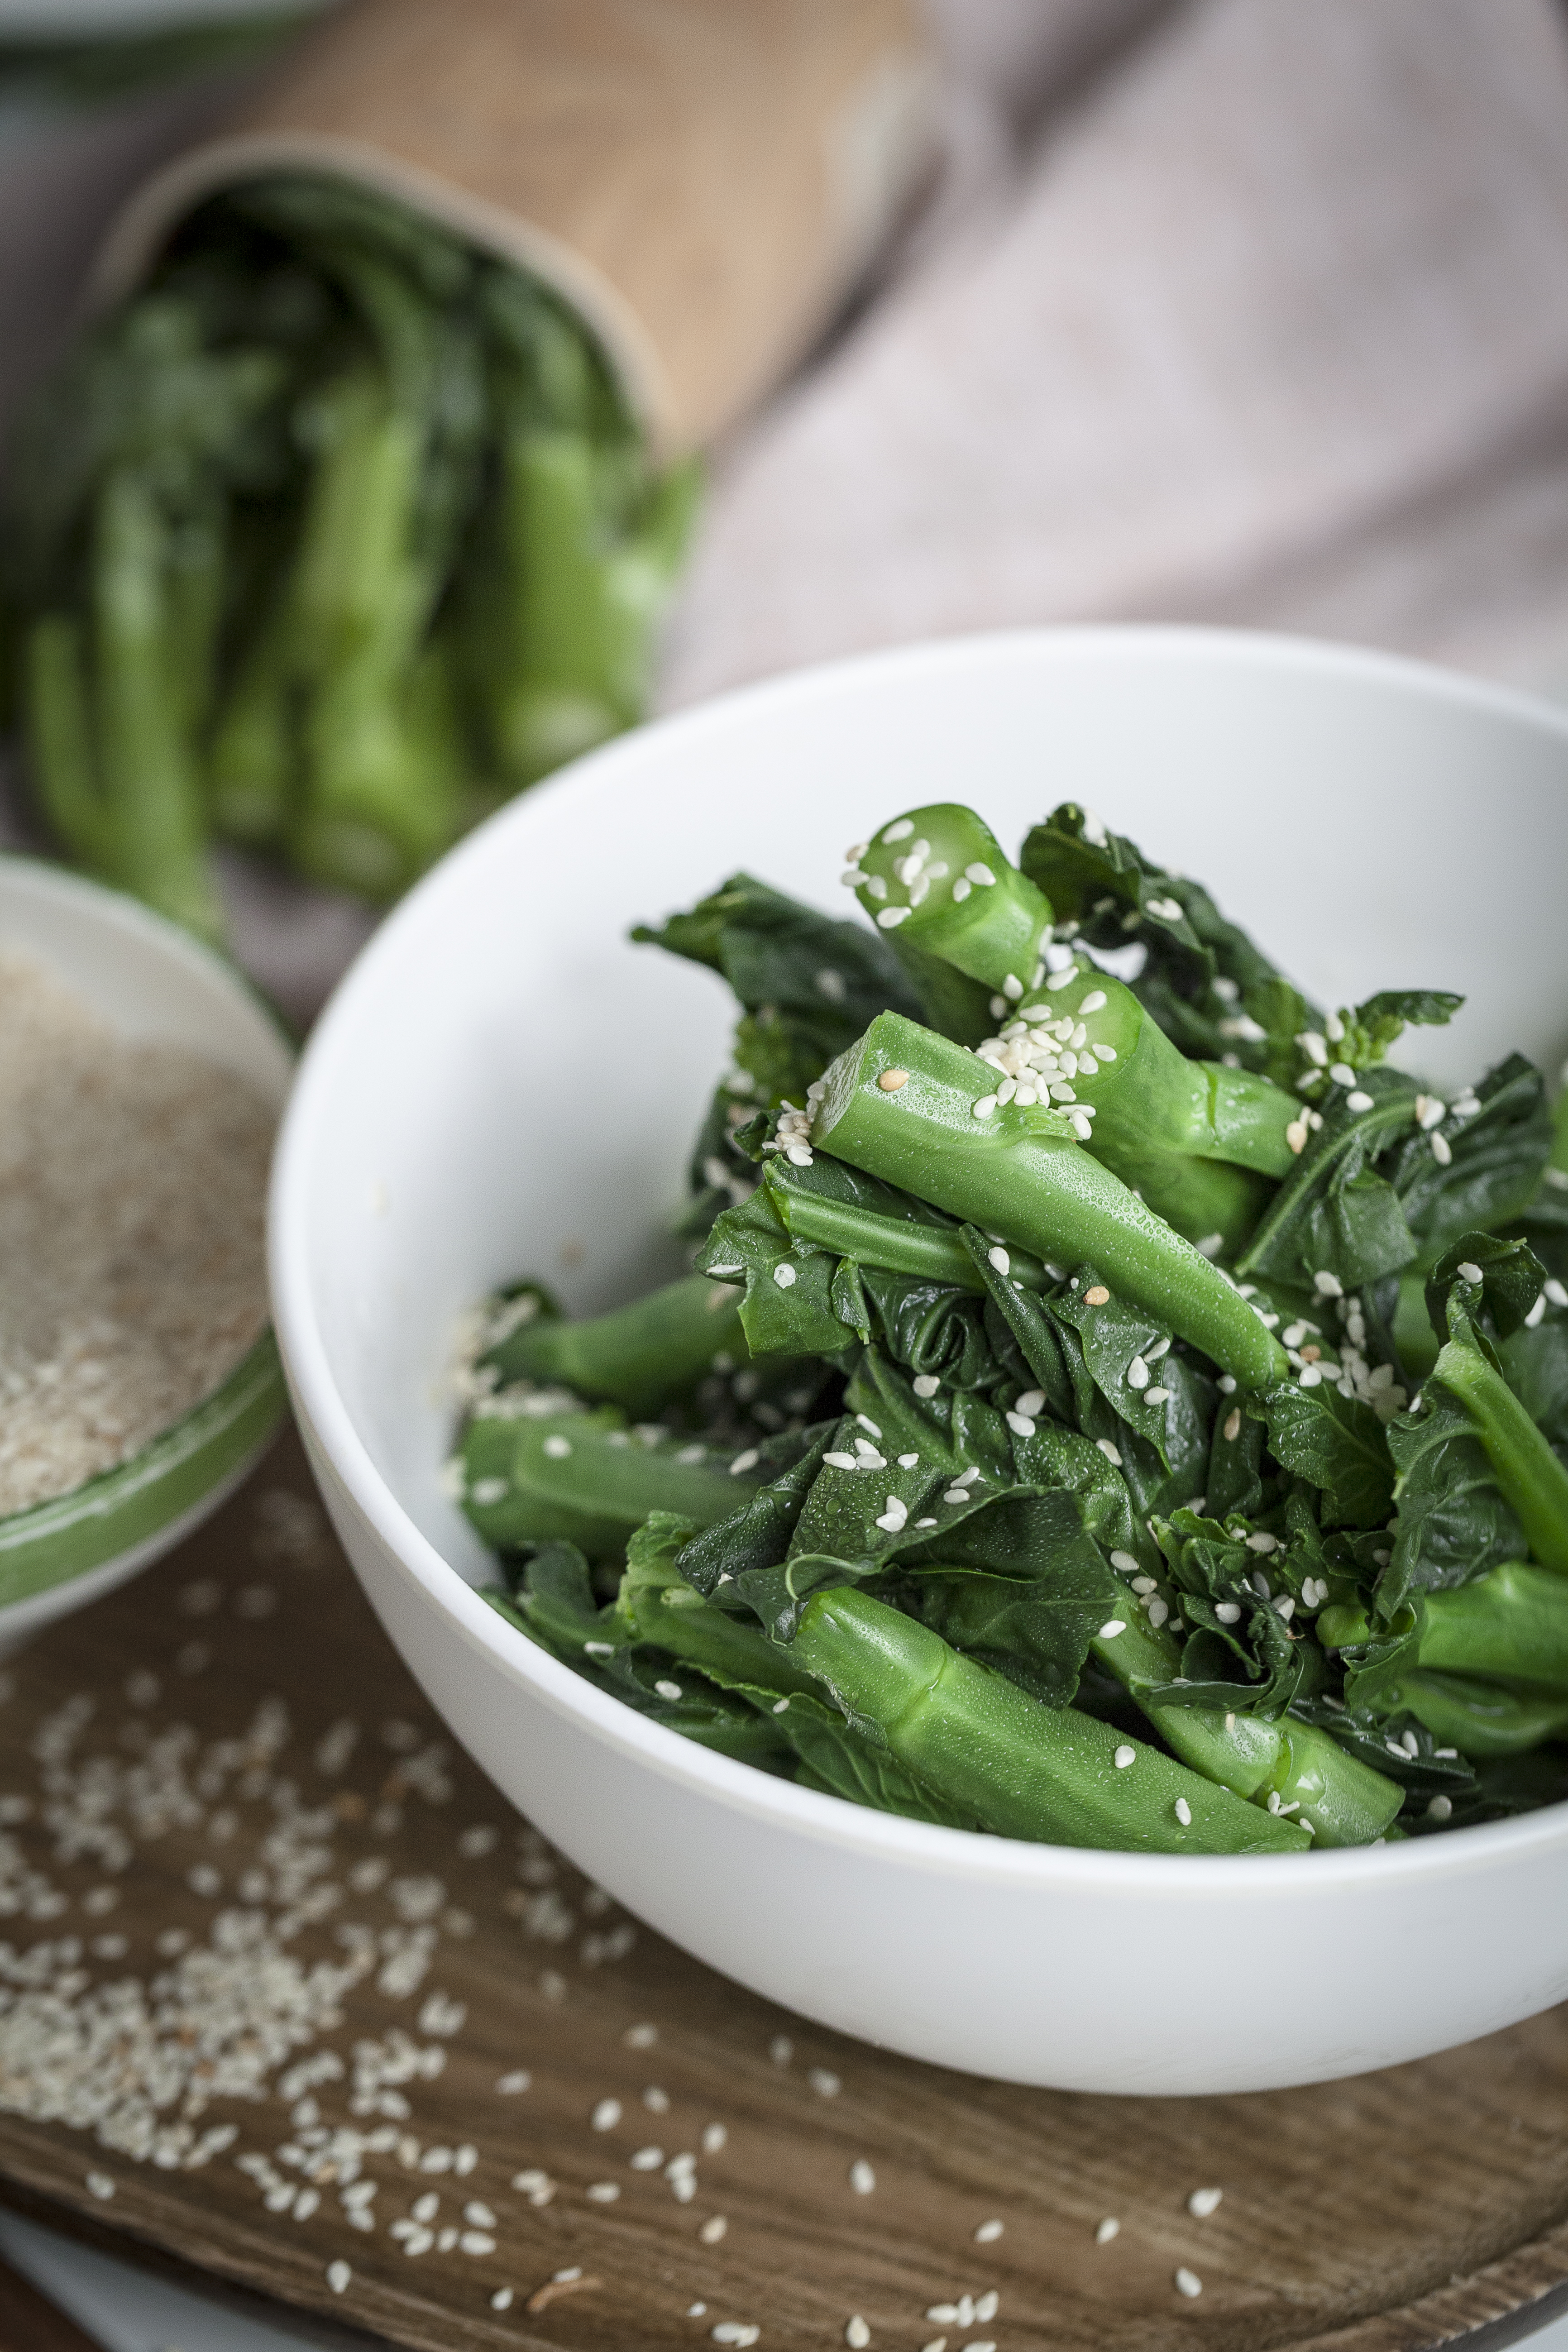 Cai Lan Mam - Tossed Kale